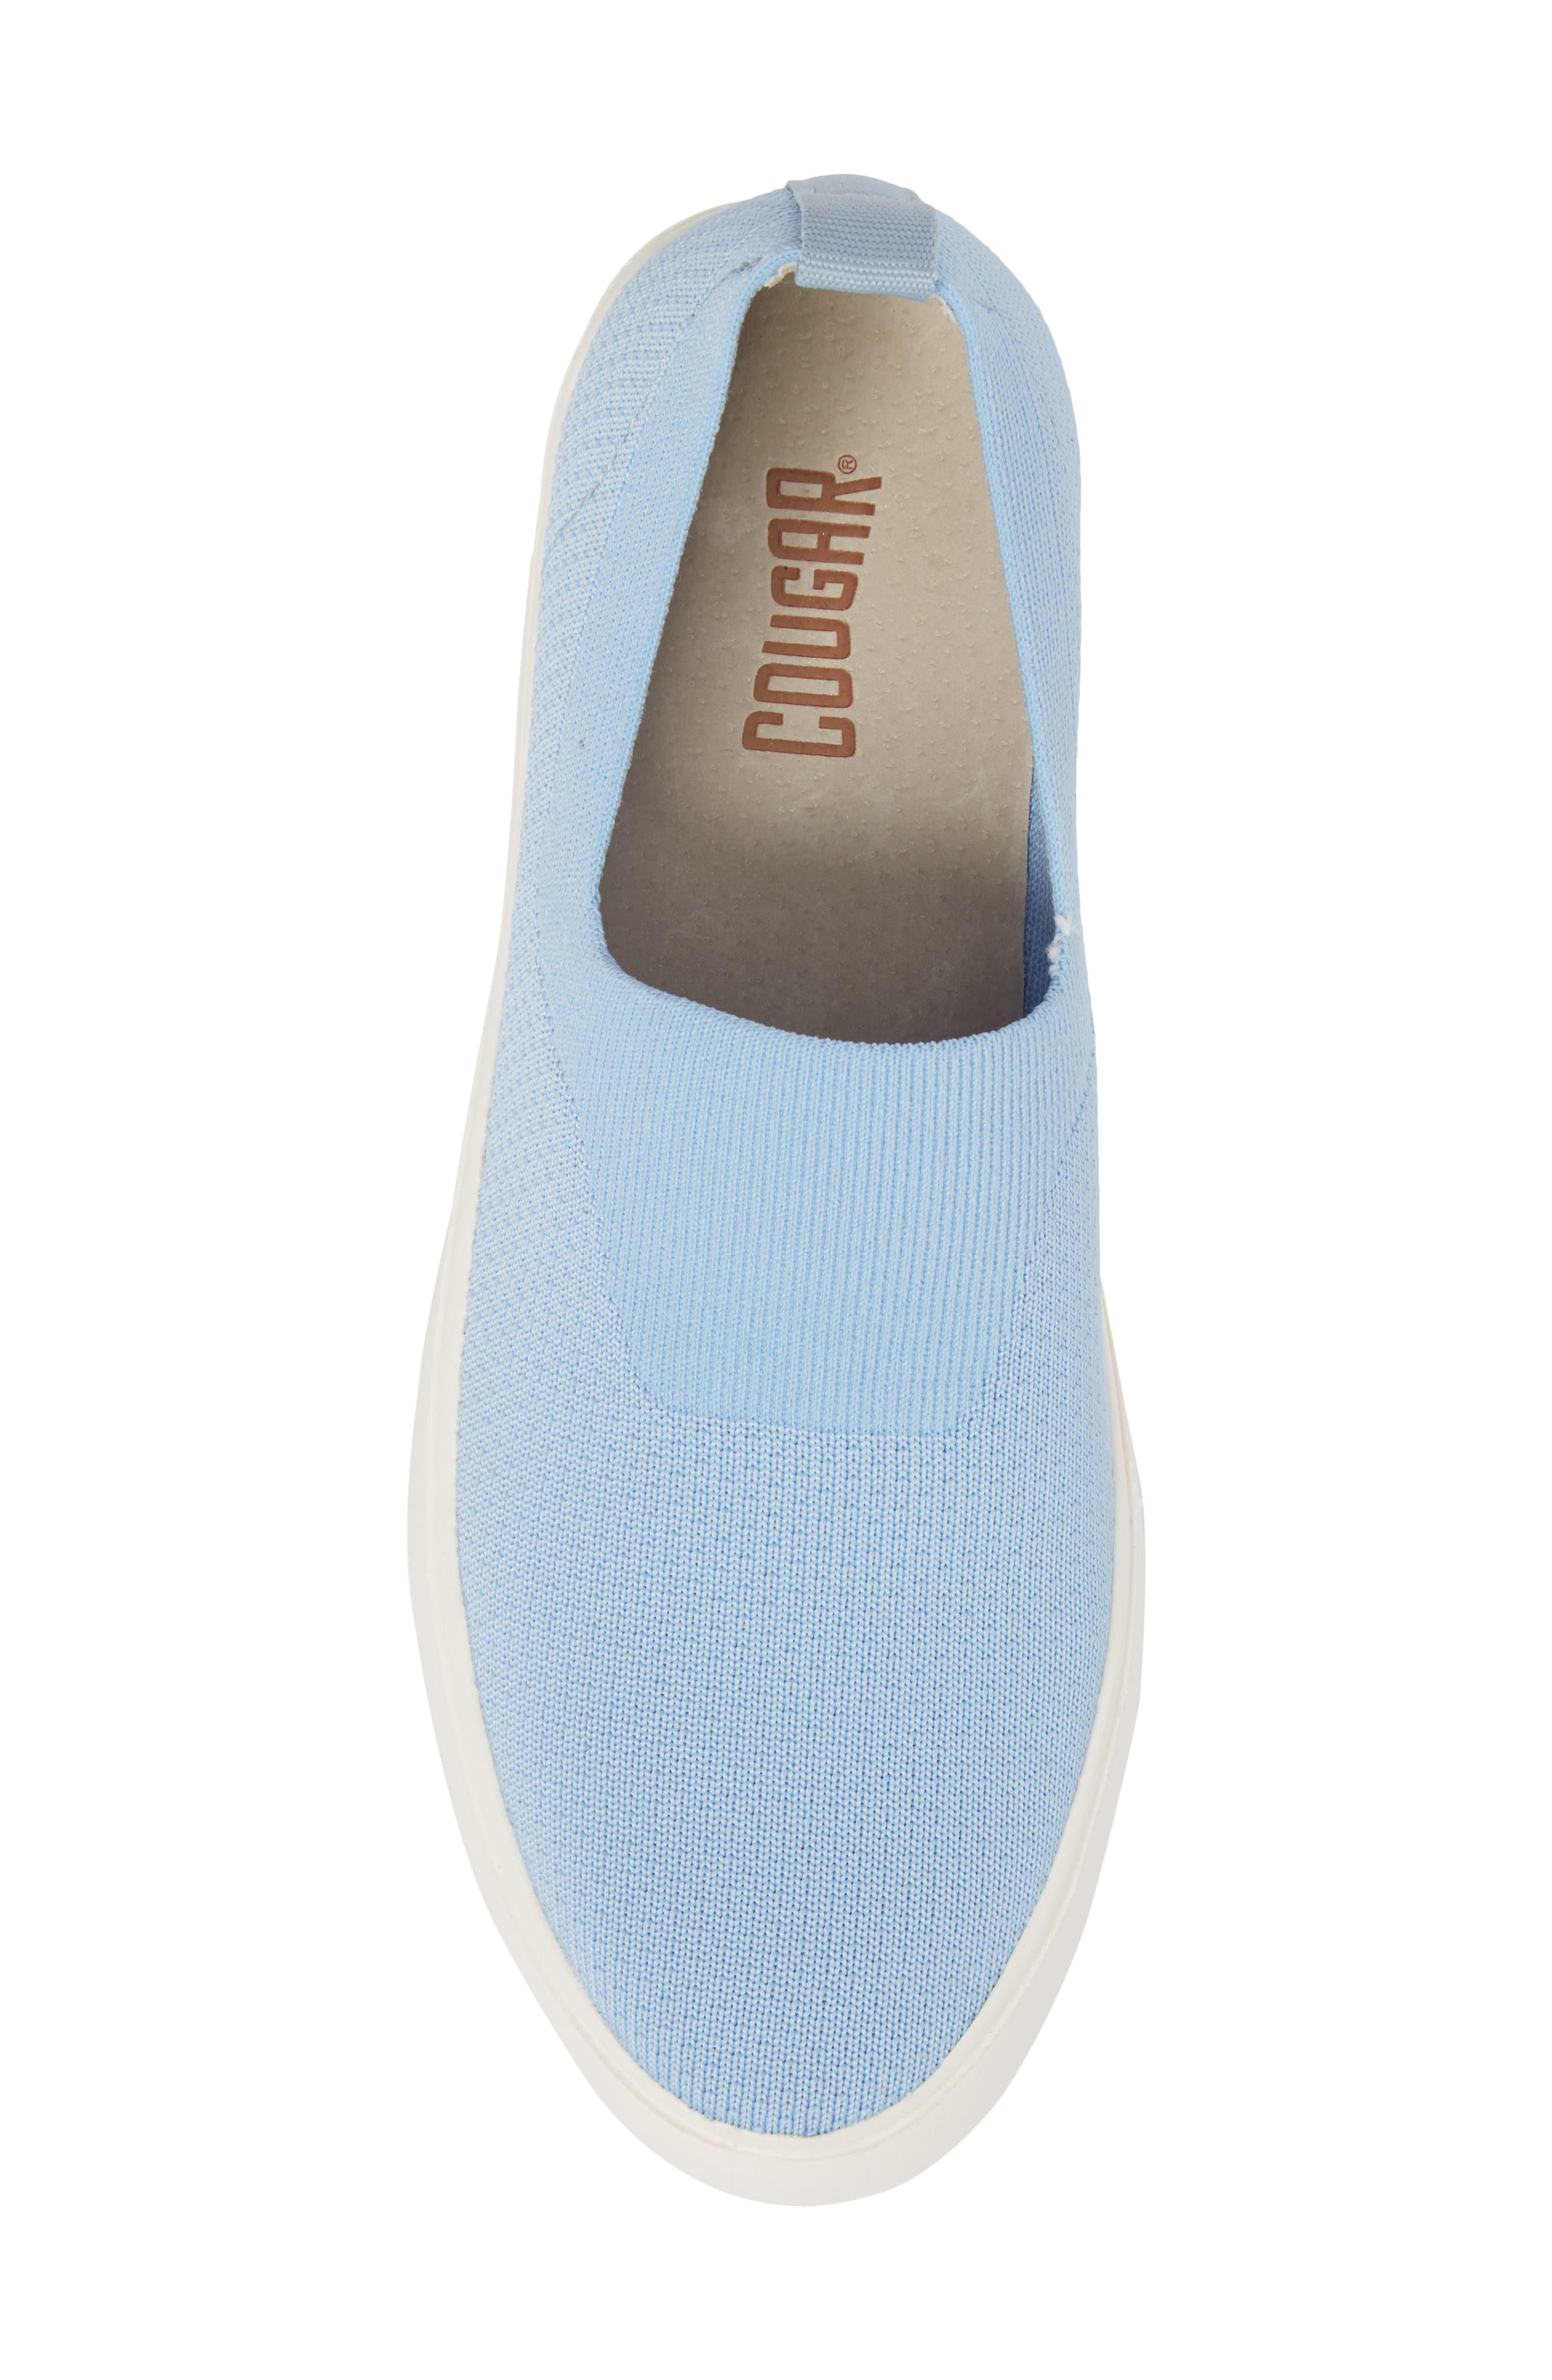 Hula Slip-On Sneaker,                             Alternate thumbnail 5, color,                             Fog Blue